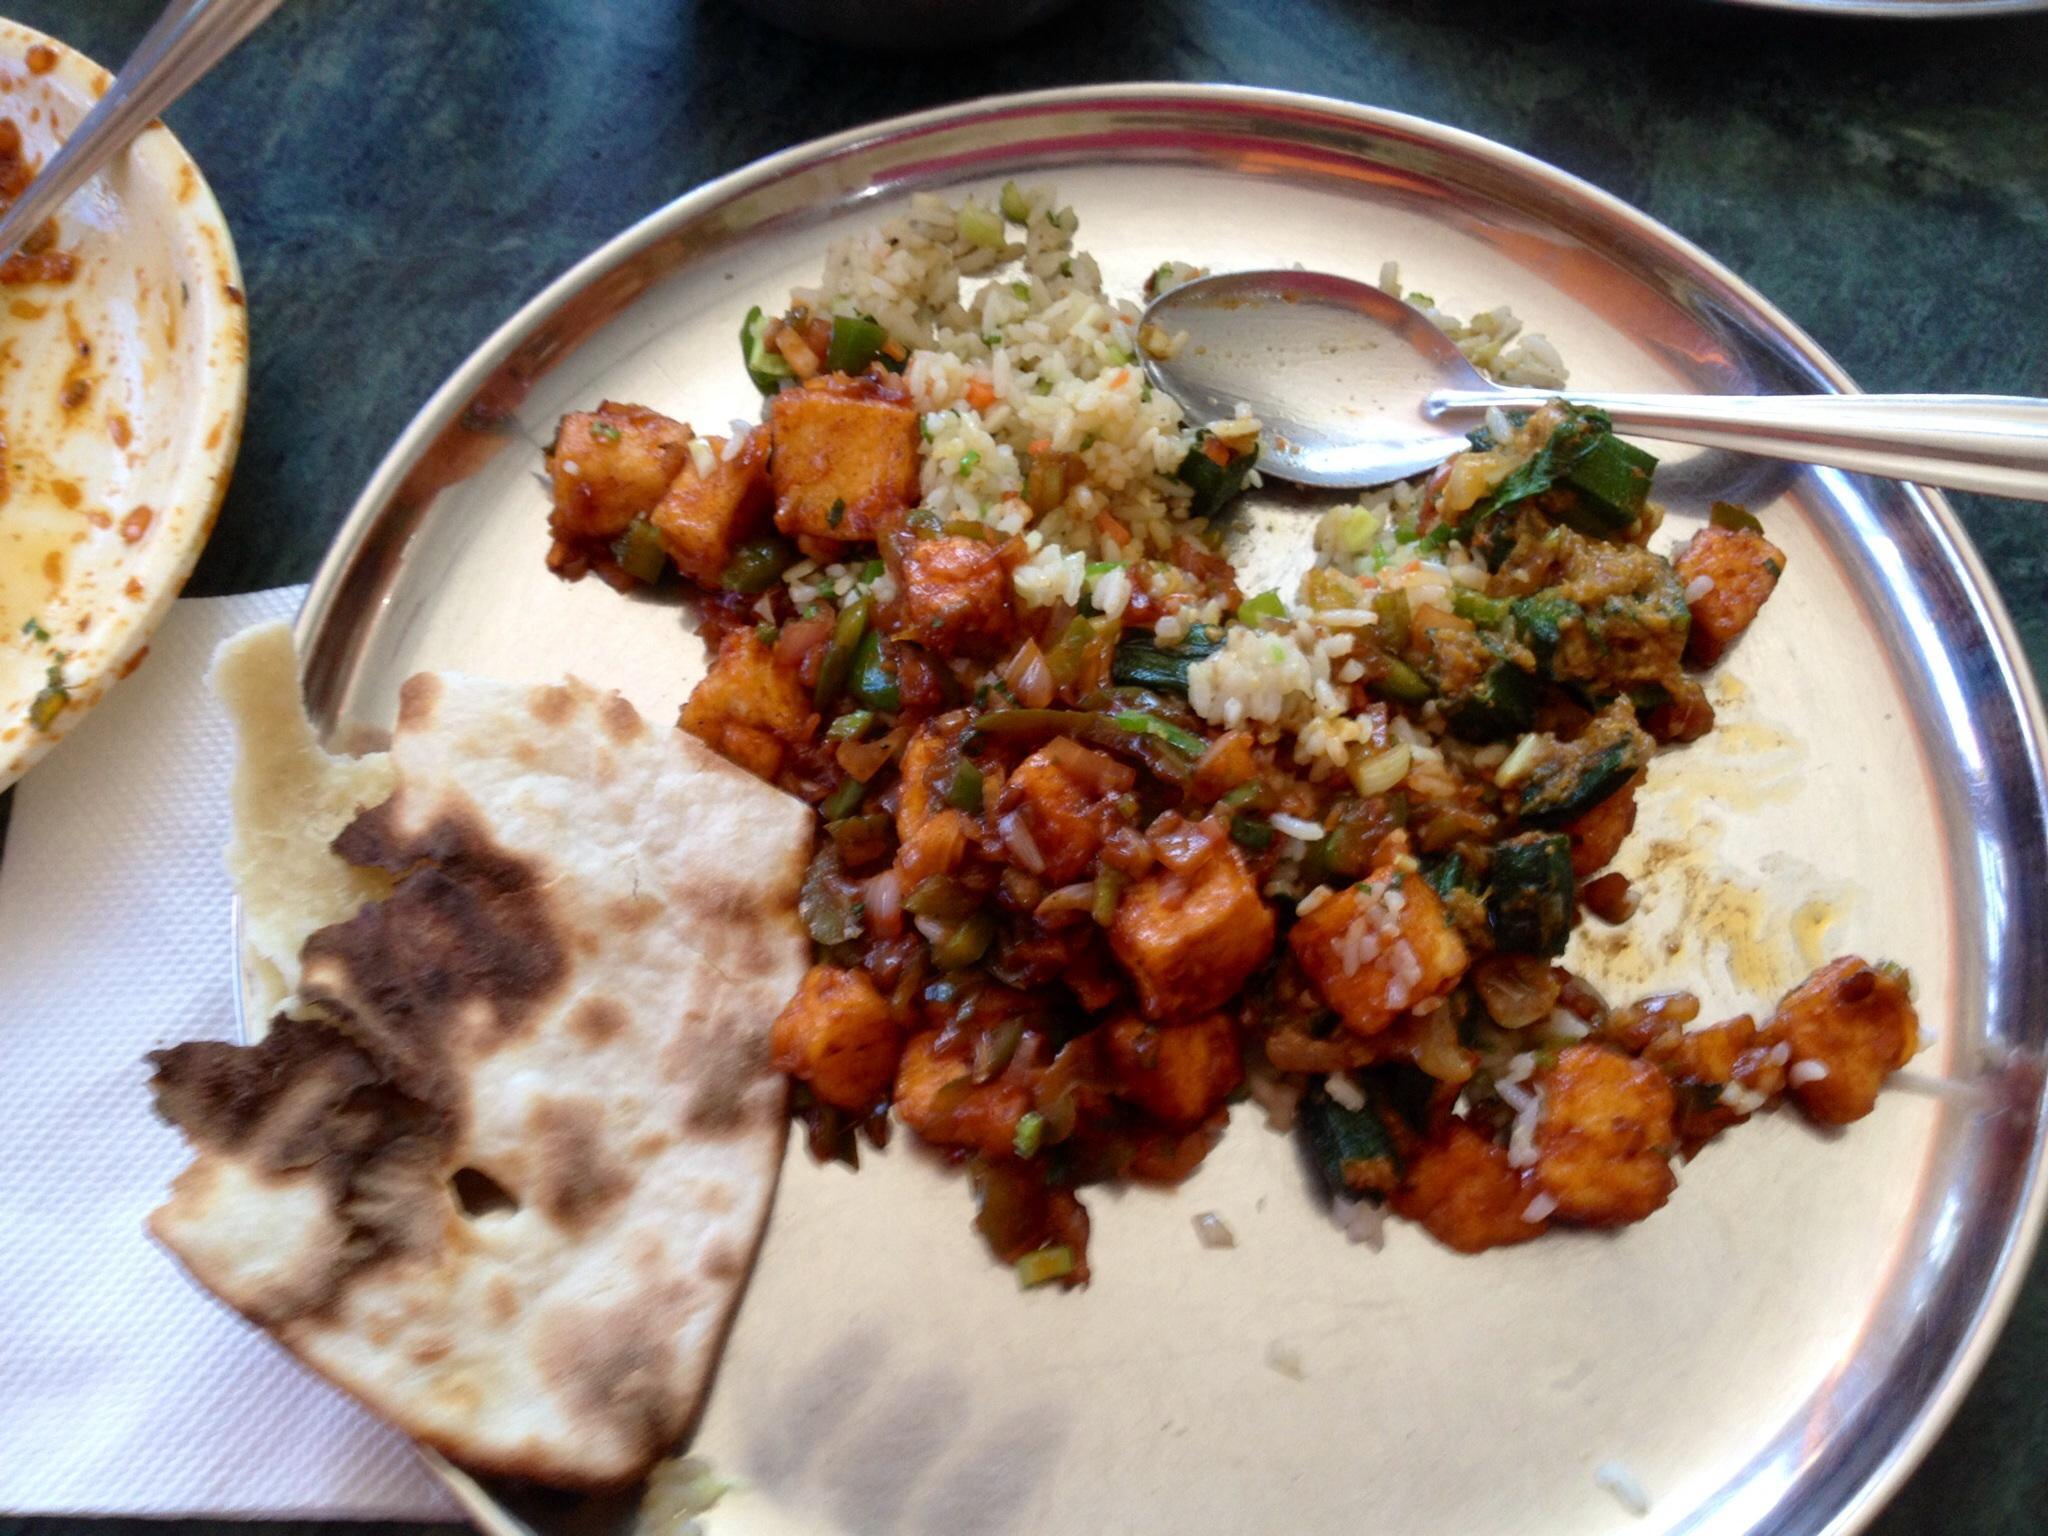 Sree Mahaveer Bhojanalaya Restaurant